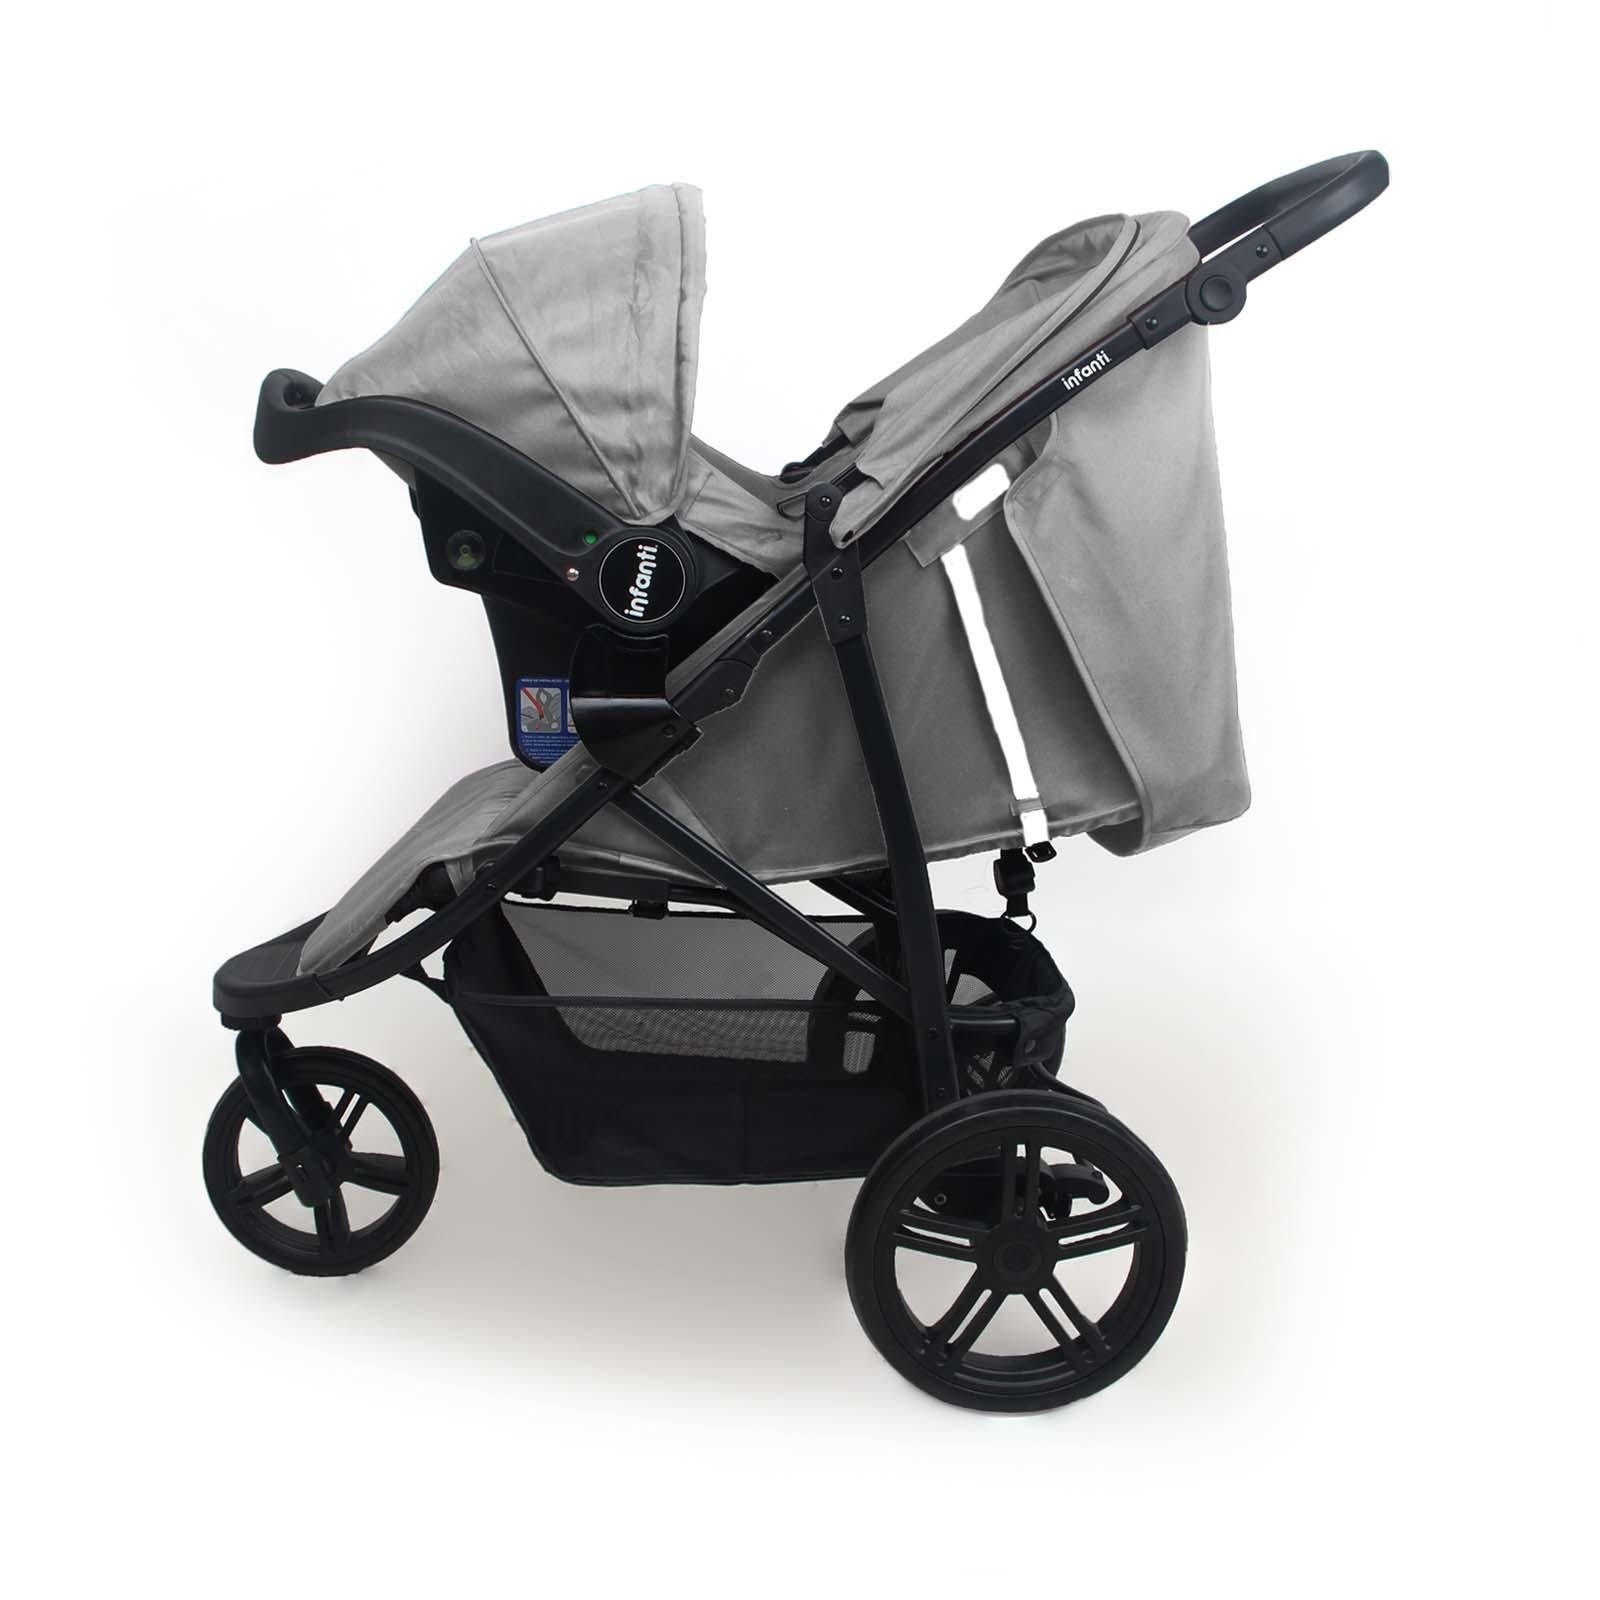 Carrinho com Bebê Conforto Collina Travel System - Grey Style- Infanti